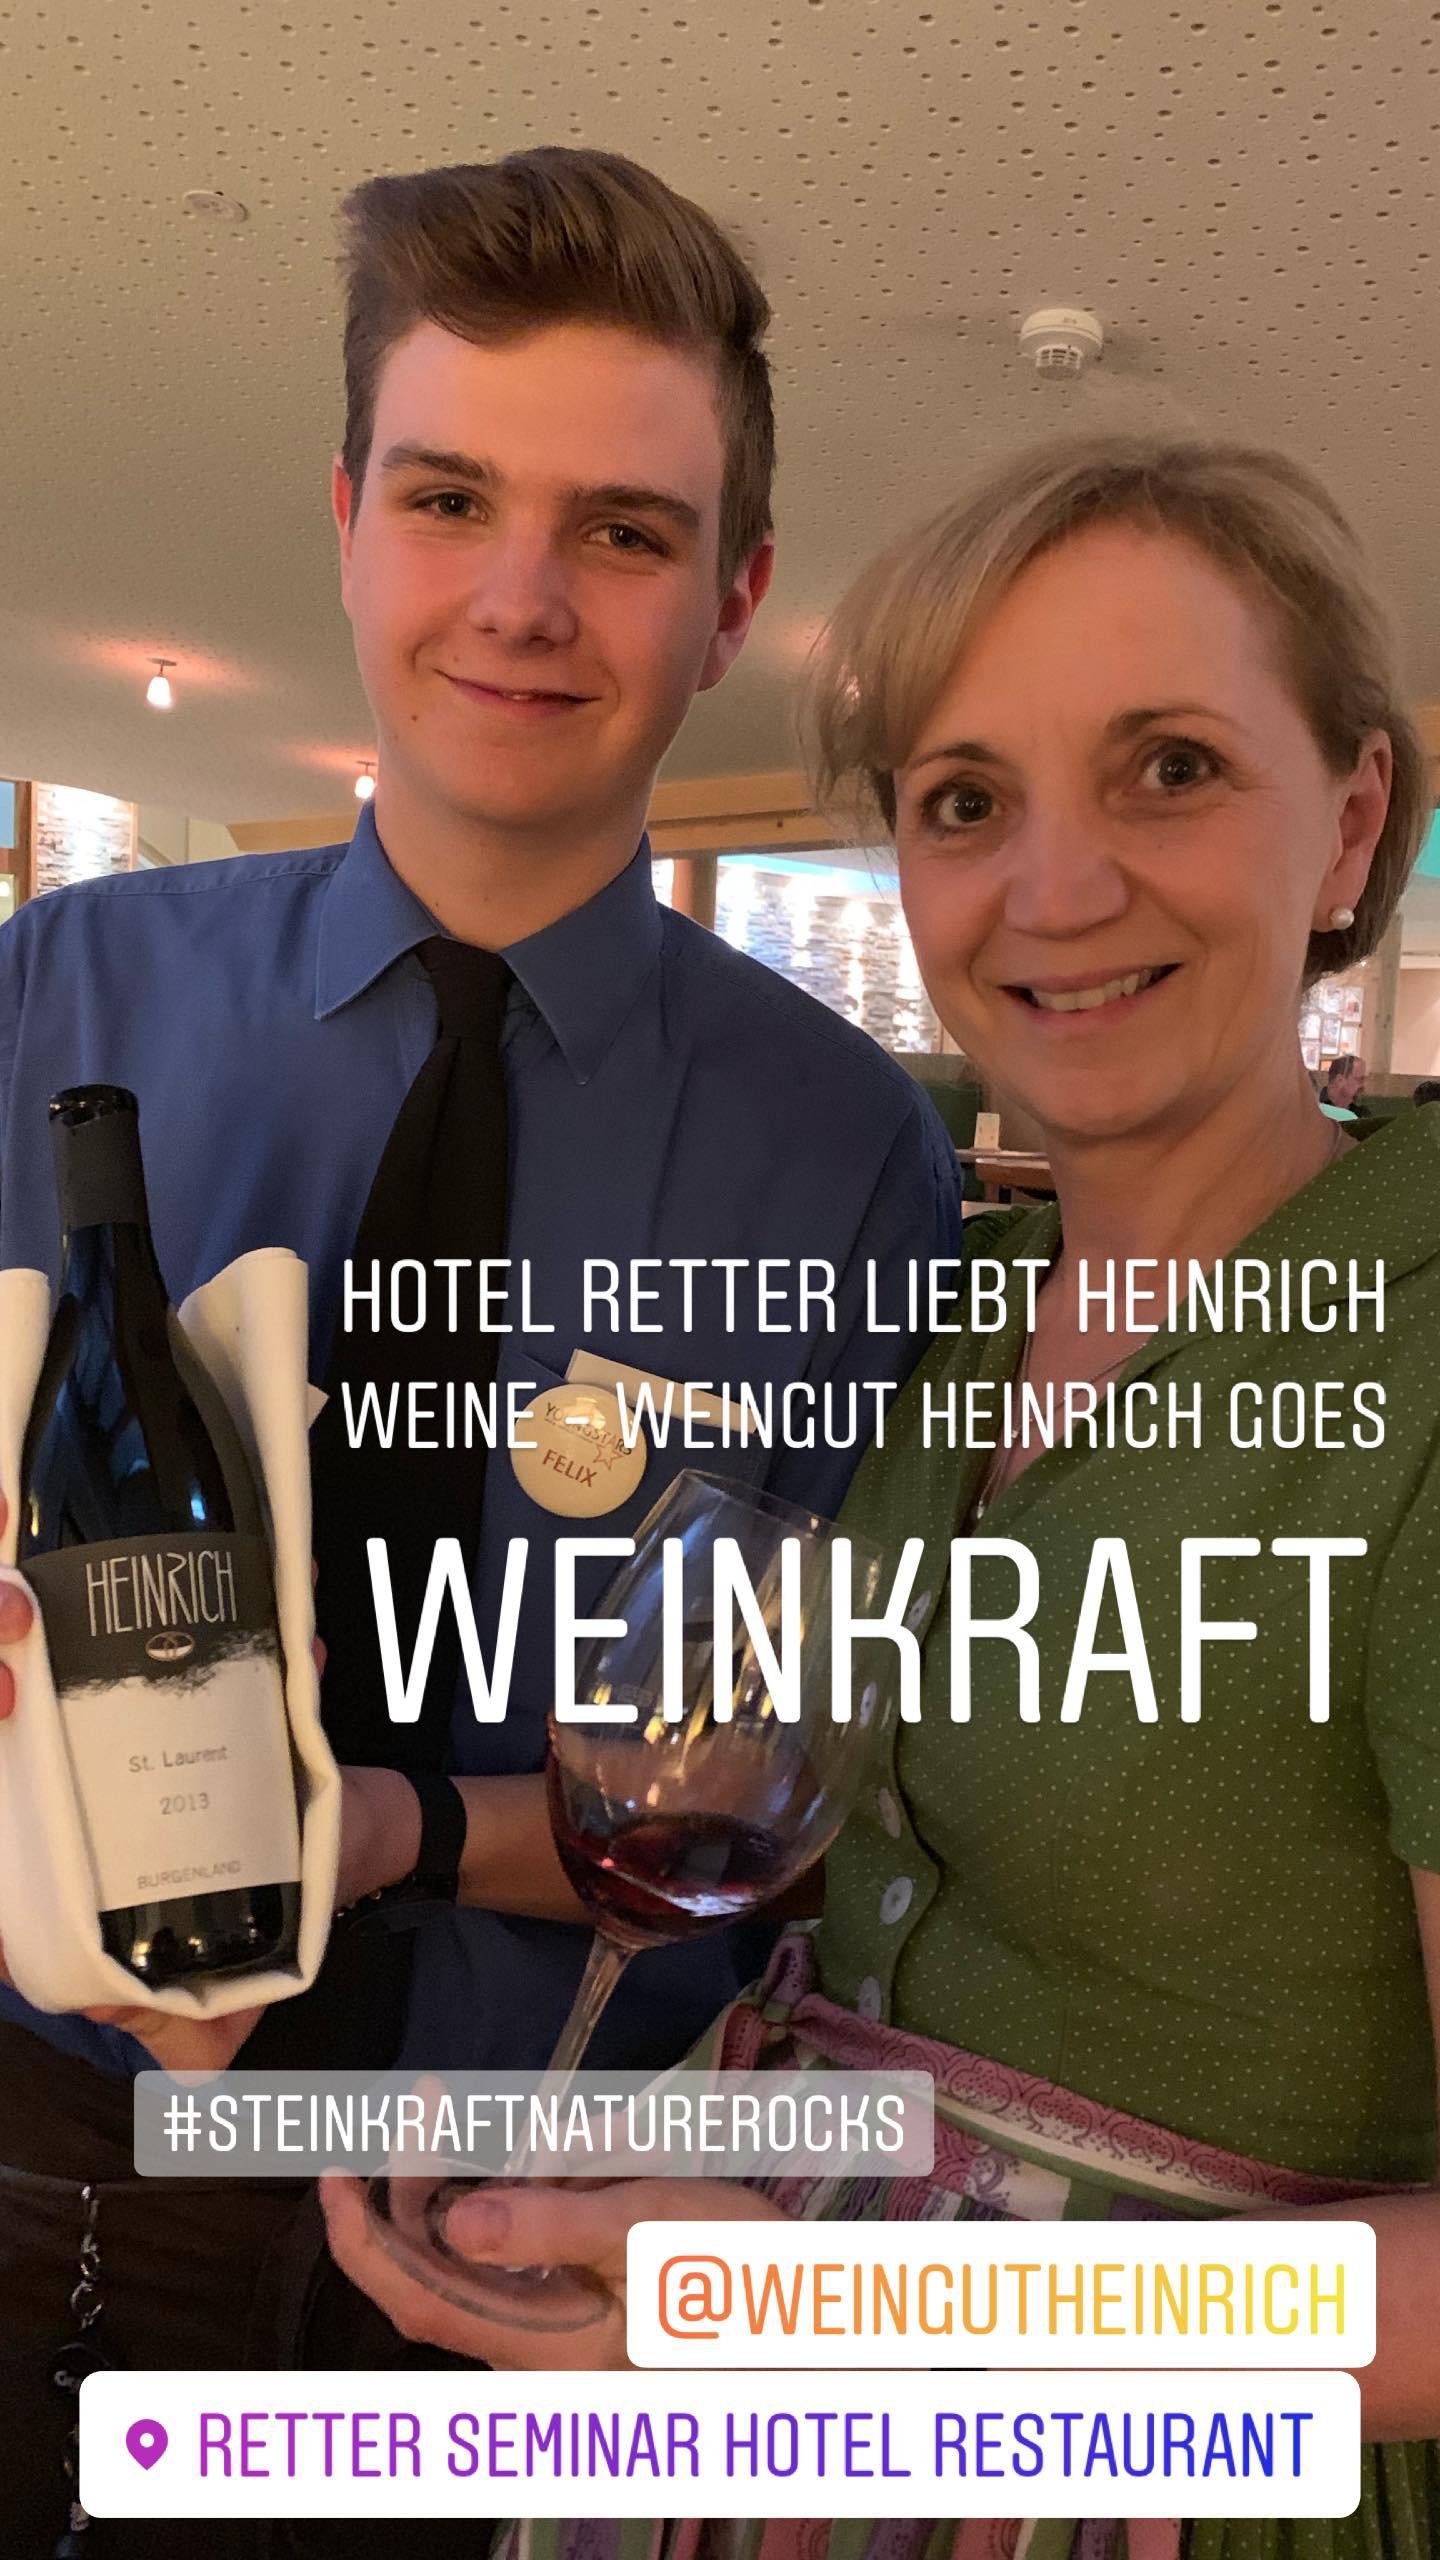 Weingut Heinrich goes STEINKRAFT